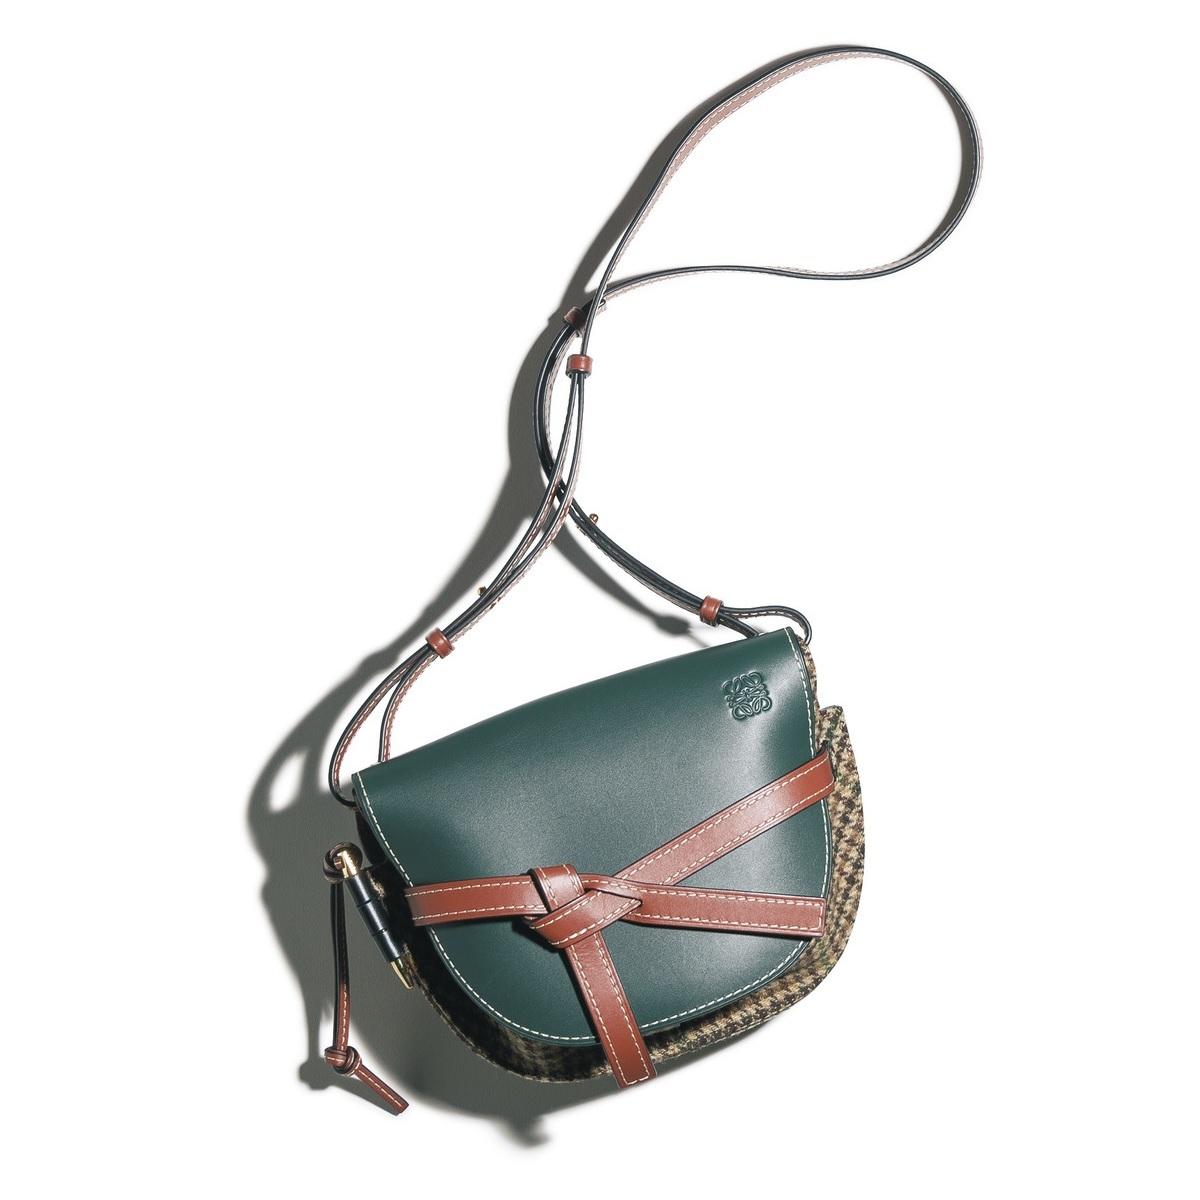 ファッション ロエベのショルダーバッグ